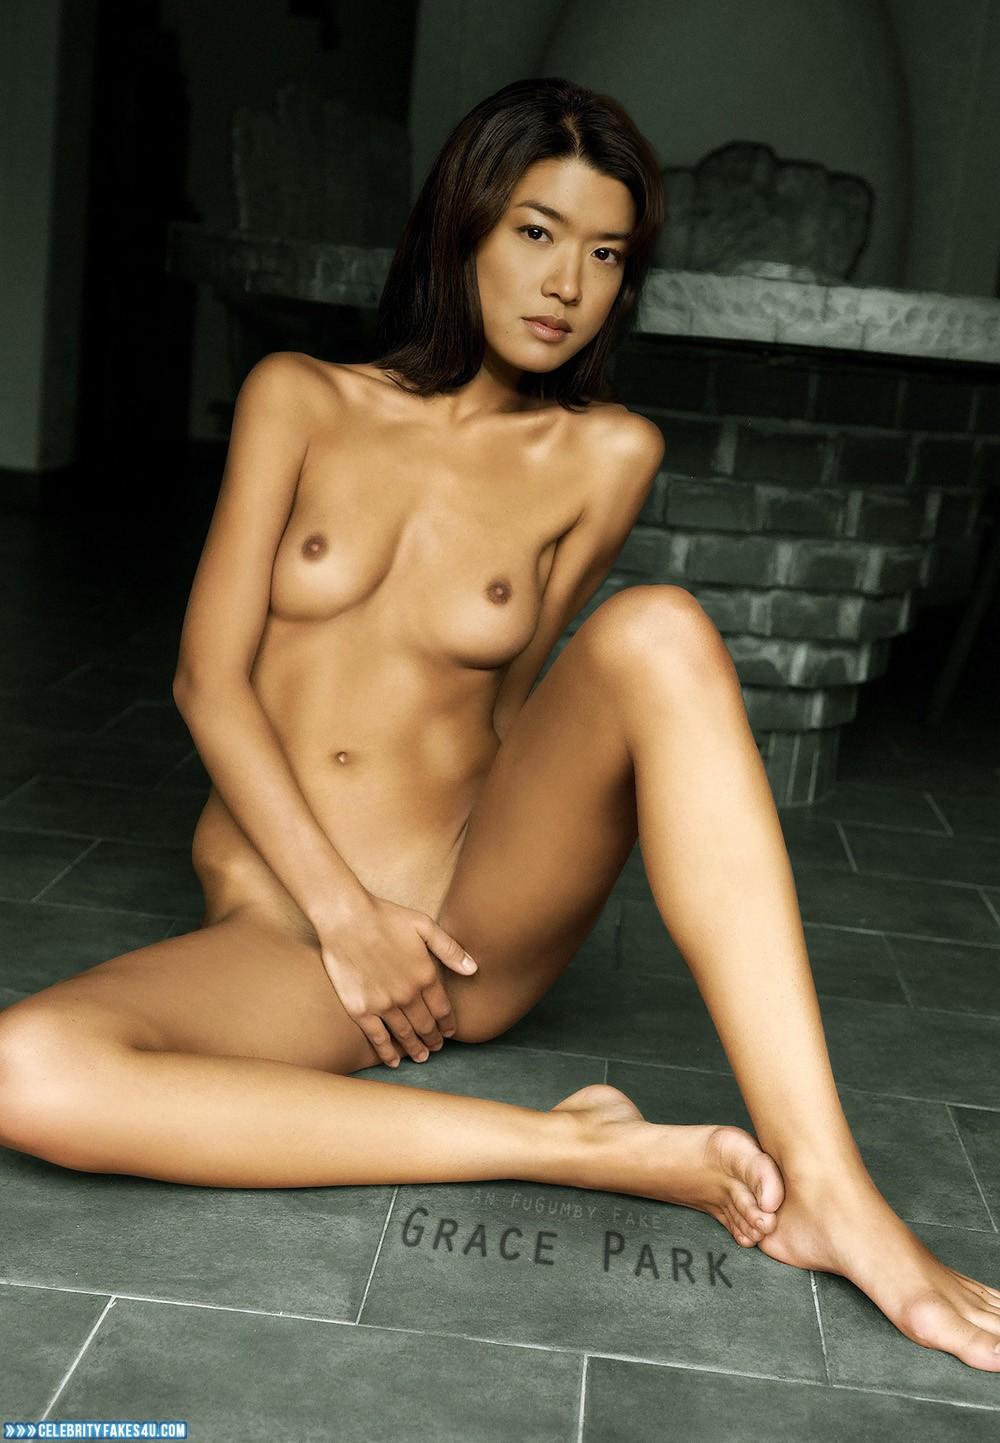 Images of grace park nude, photo amateur de femme soumise